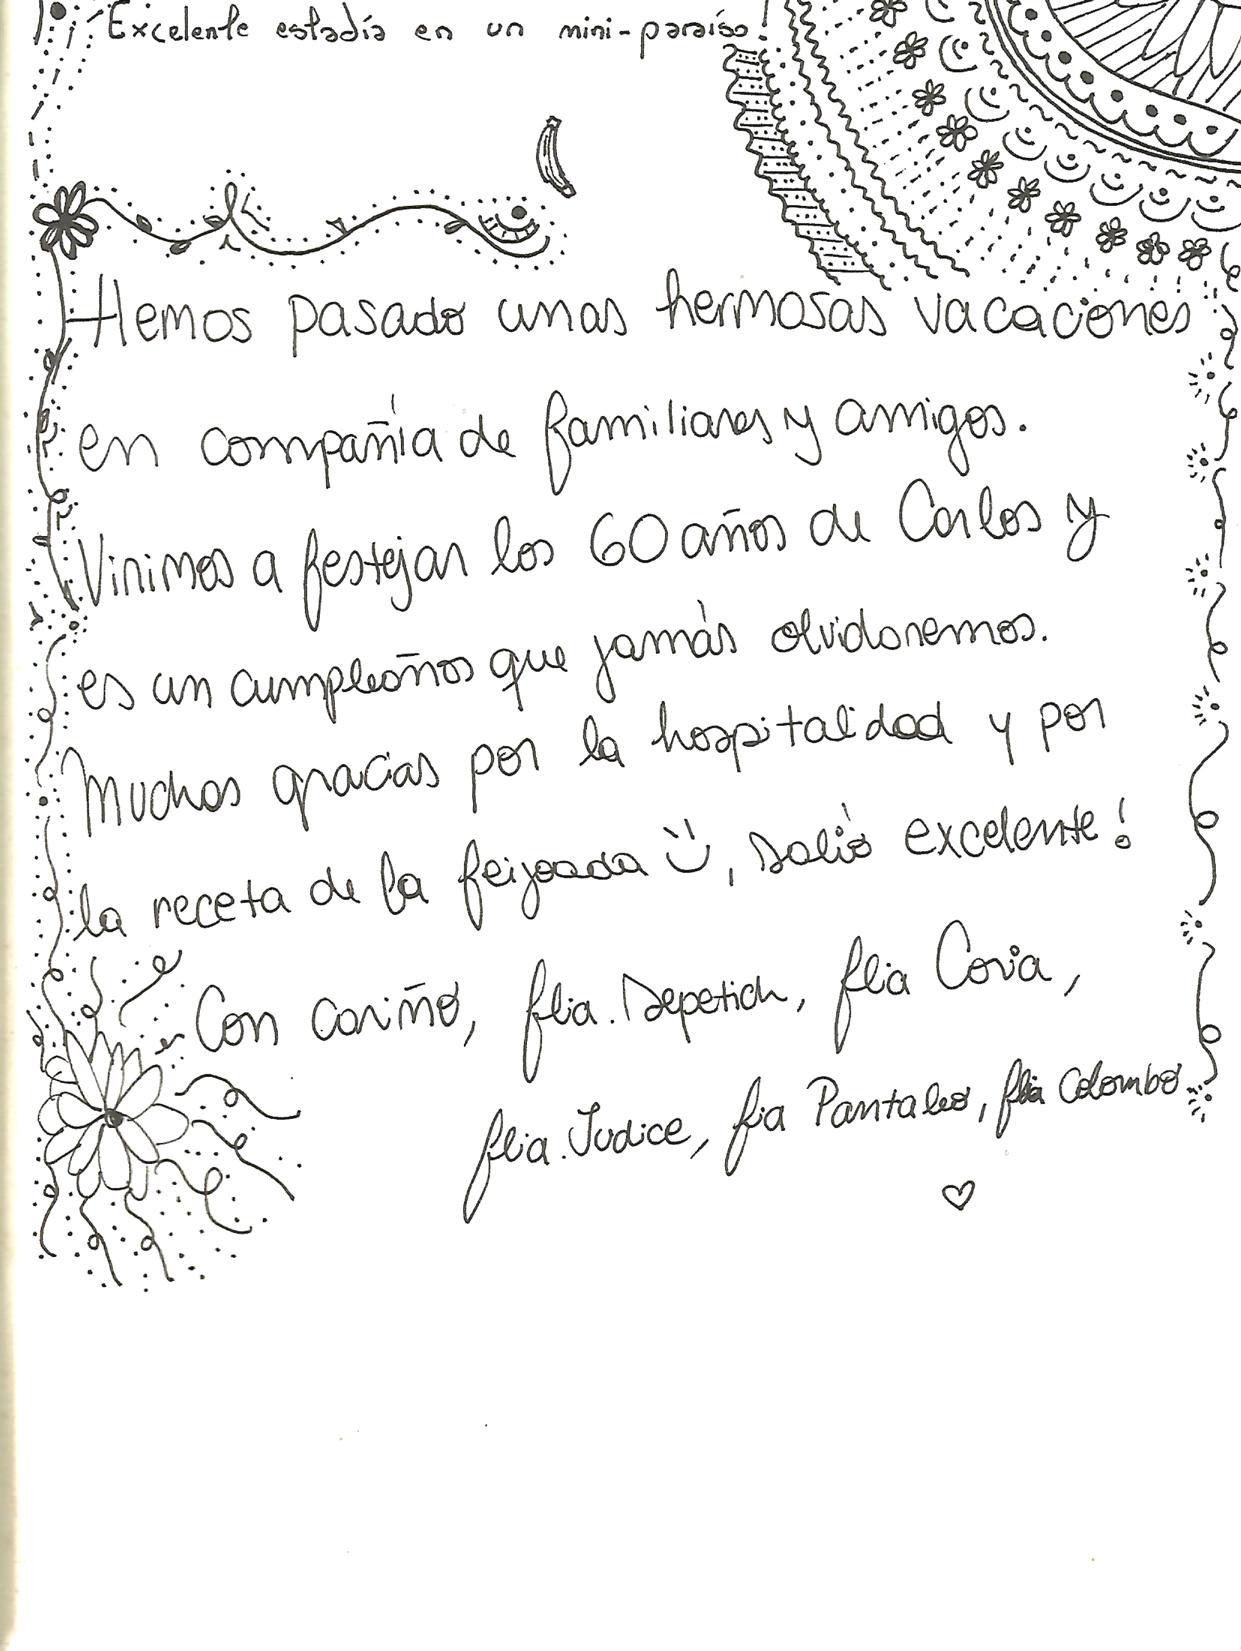 diario-casa-do-canto_11.jpg